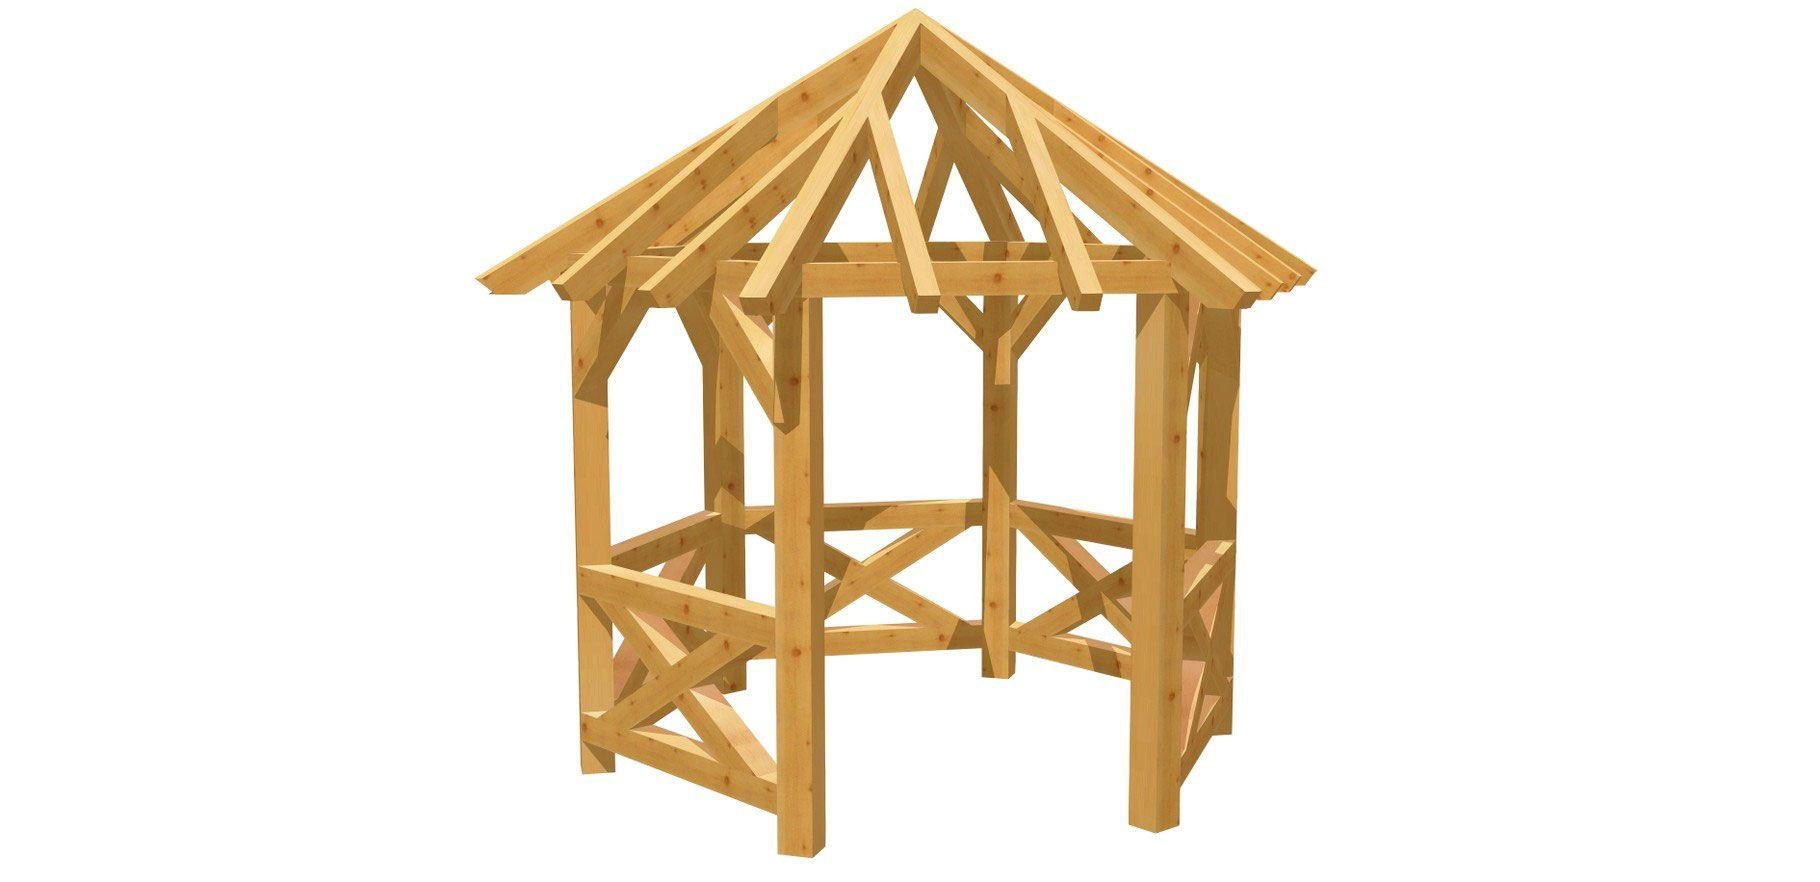 6 Eck Pavillon Kostengunstig Selber Bauen Mit Einem Detaillierten Bauplan Pavillon Selber Bauen Selber Bauen Holz Holz Pavillon